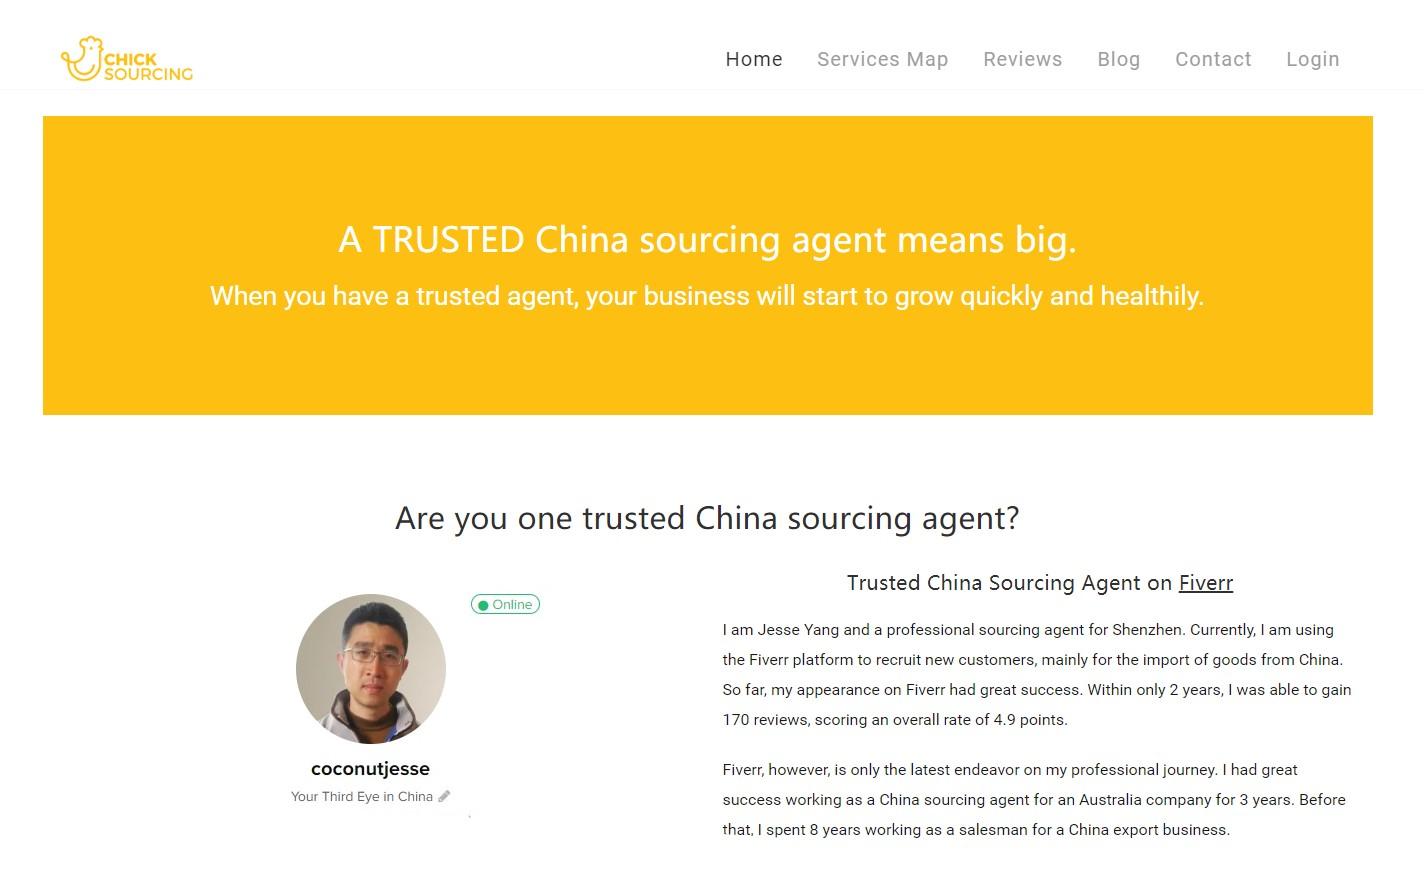 chick-sourcing-shenzhen agent